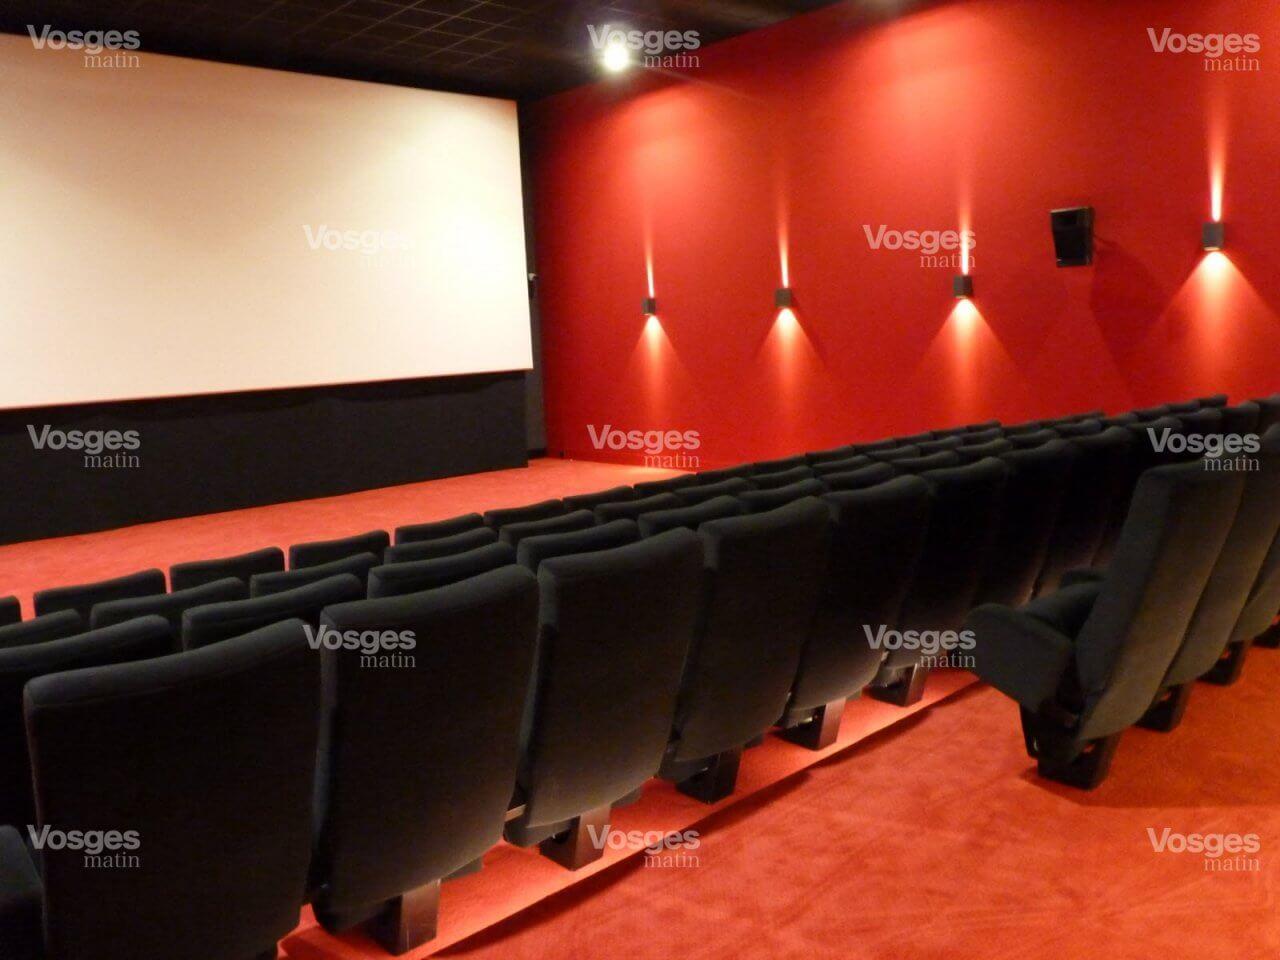 Kleslo - fauteuil Inertie - Leader de fabrication de fauteuils cinéma, théâtre ...neopolis v3